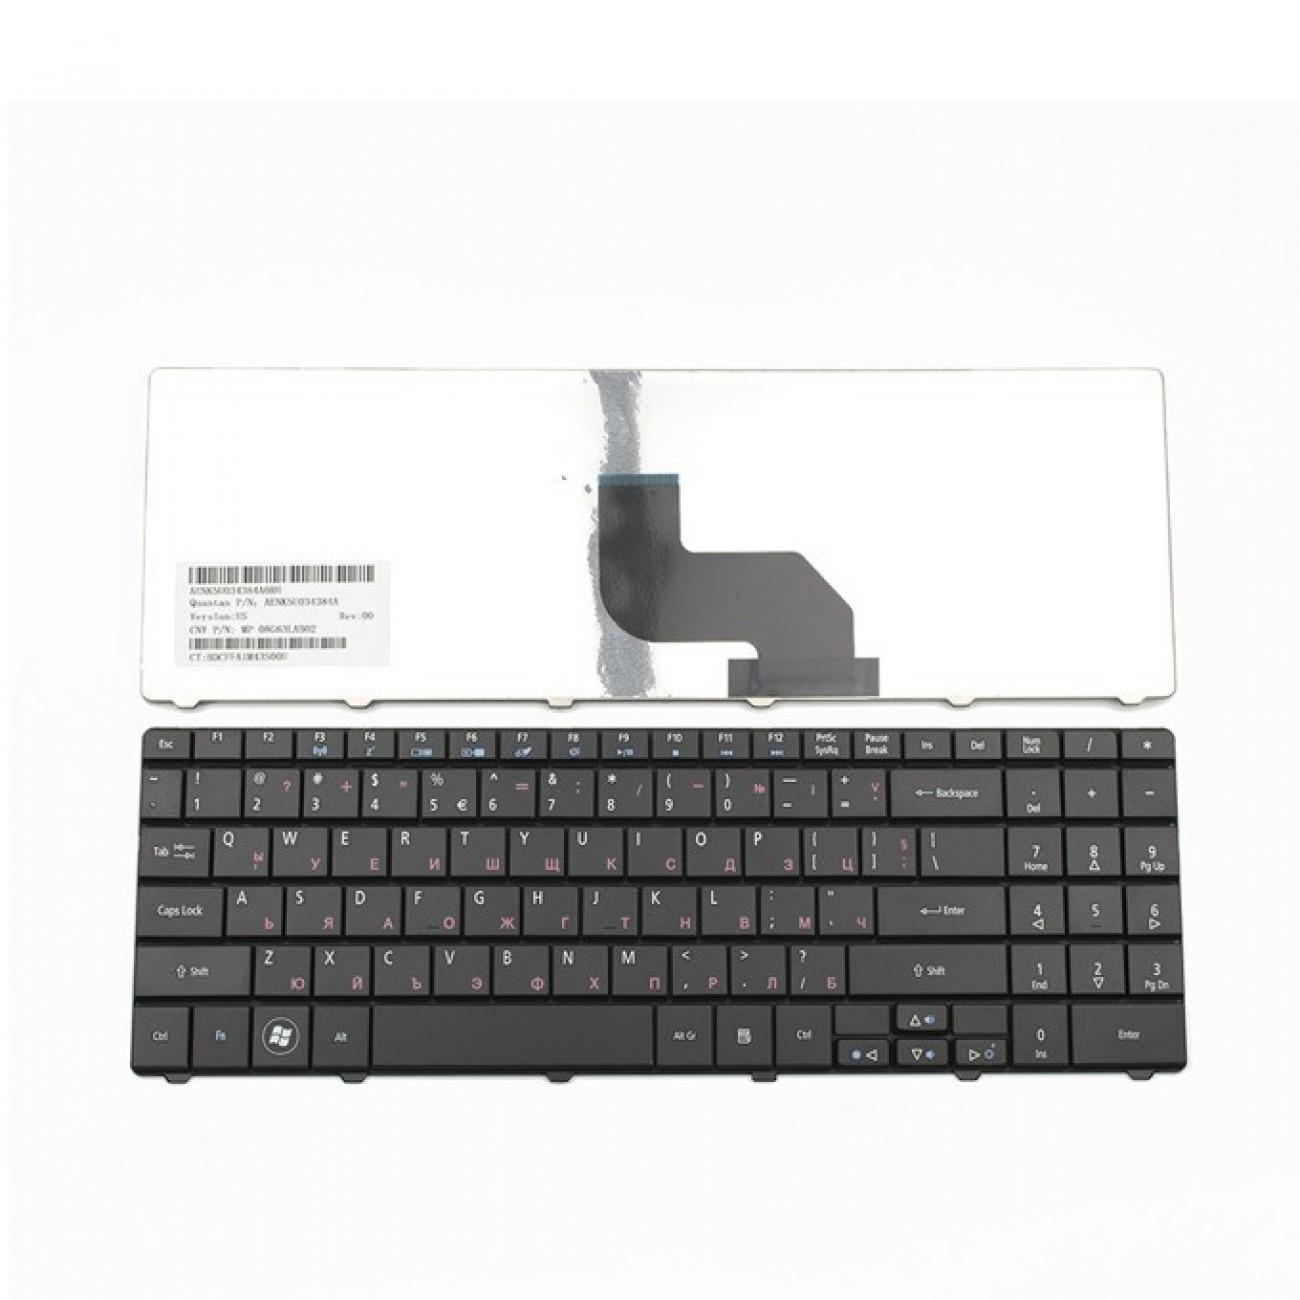 Клавиатура за Acer Aspire 5516 5517 7715Z eMachines E430 E525 E625 E627 E628, US, кирилица, черна в Резервни части -  | Alleop